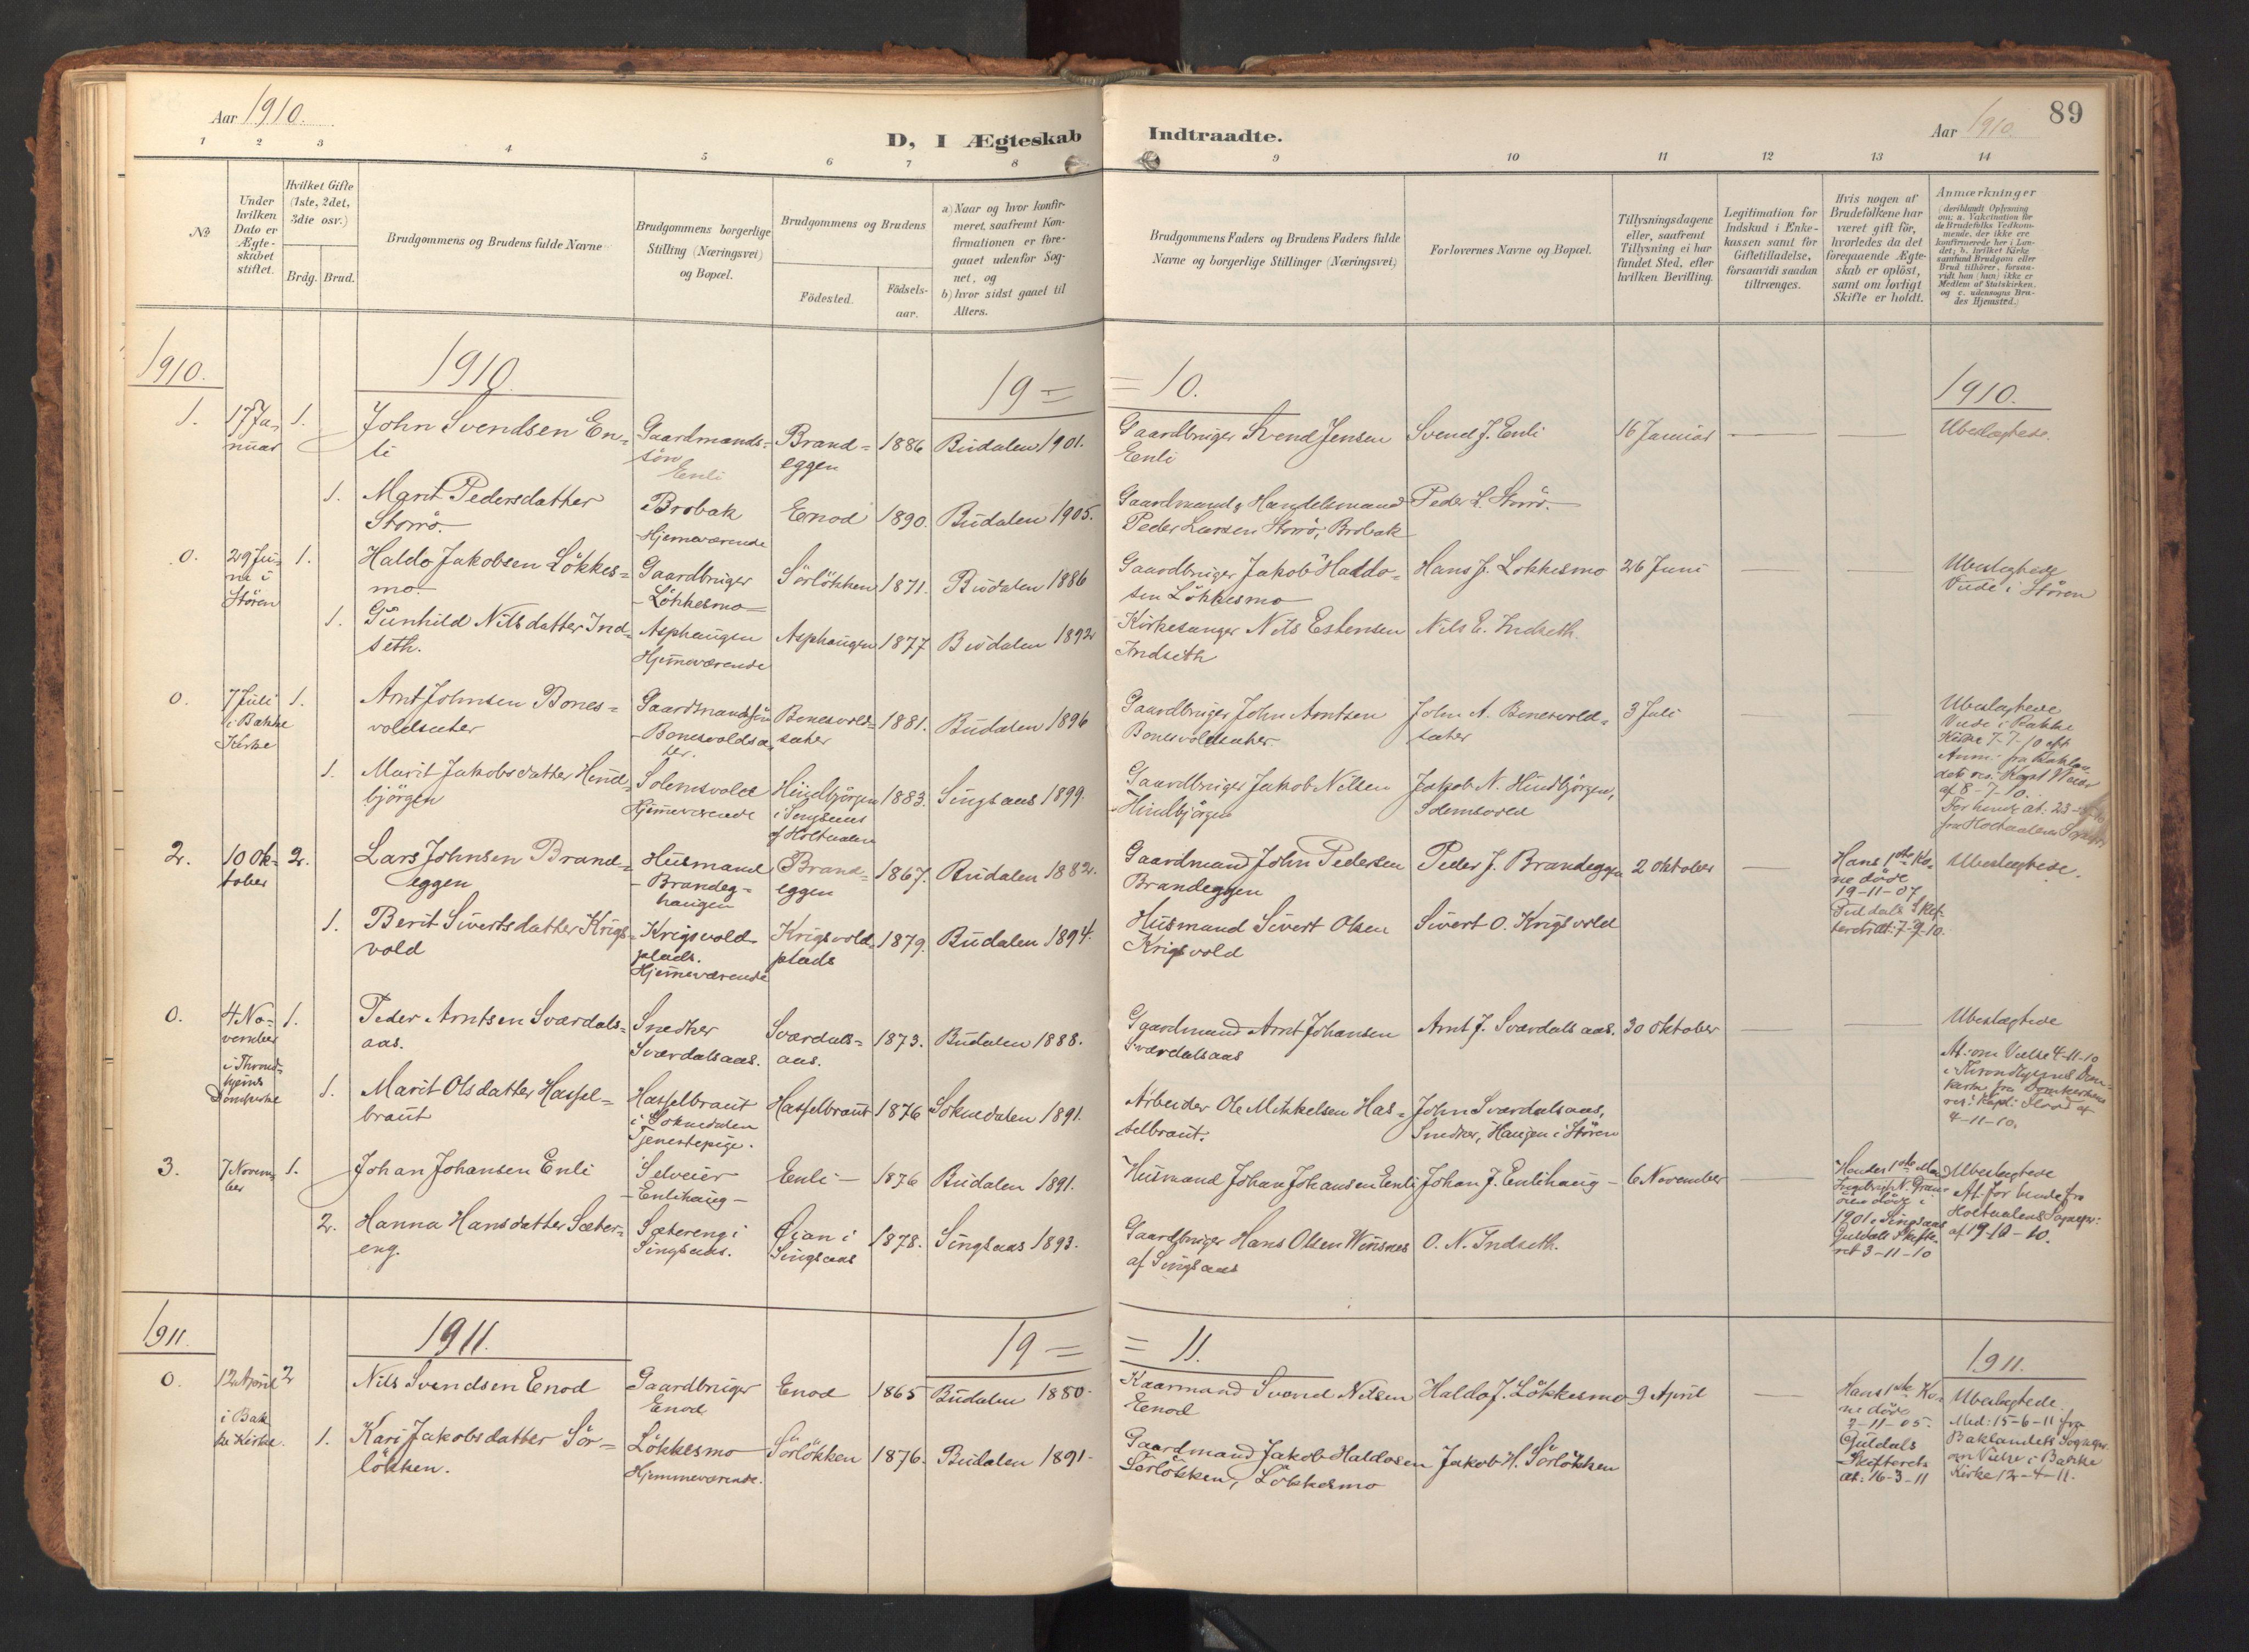 SAT, Ministerialprotokoller, klokkerbøker og fødselsregistre - Sør-Trøndelag, 690/L1050: Ministerialbok nr. 690A01, 1889-1929, s. 89